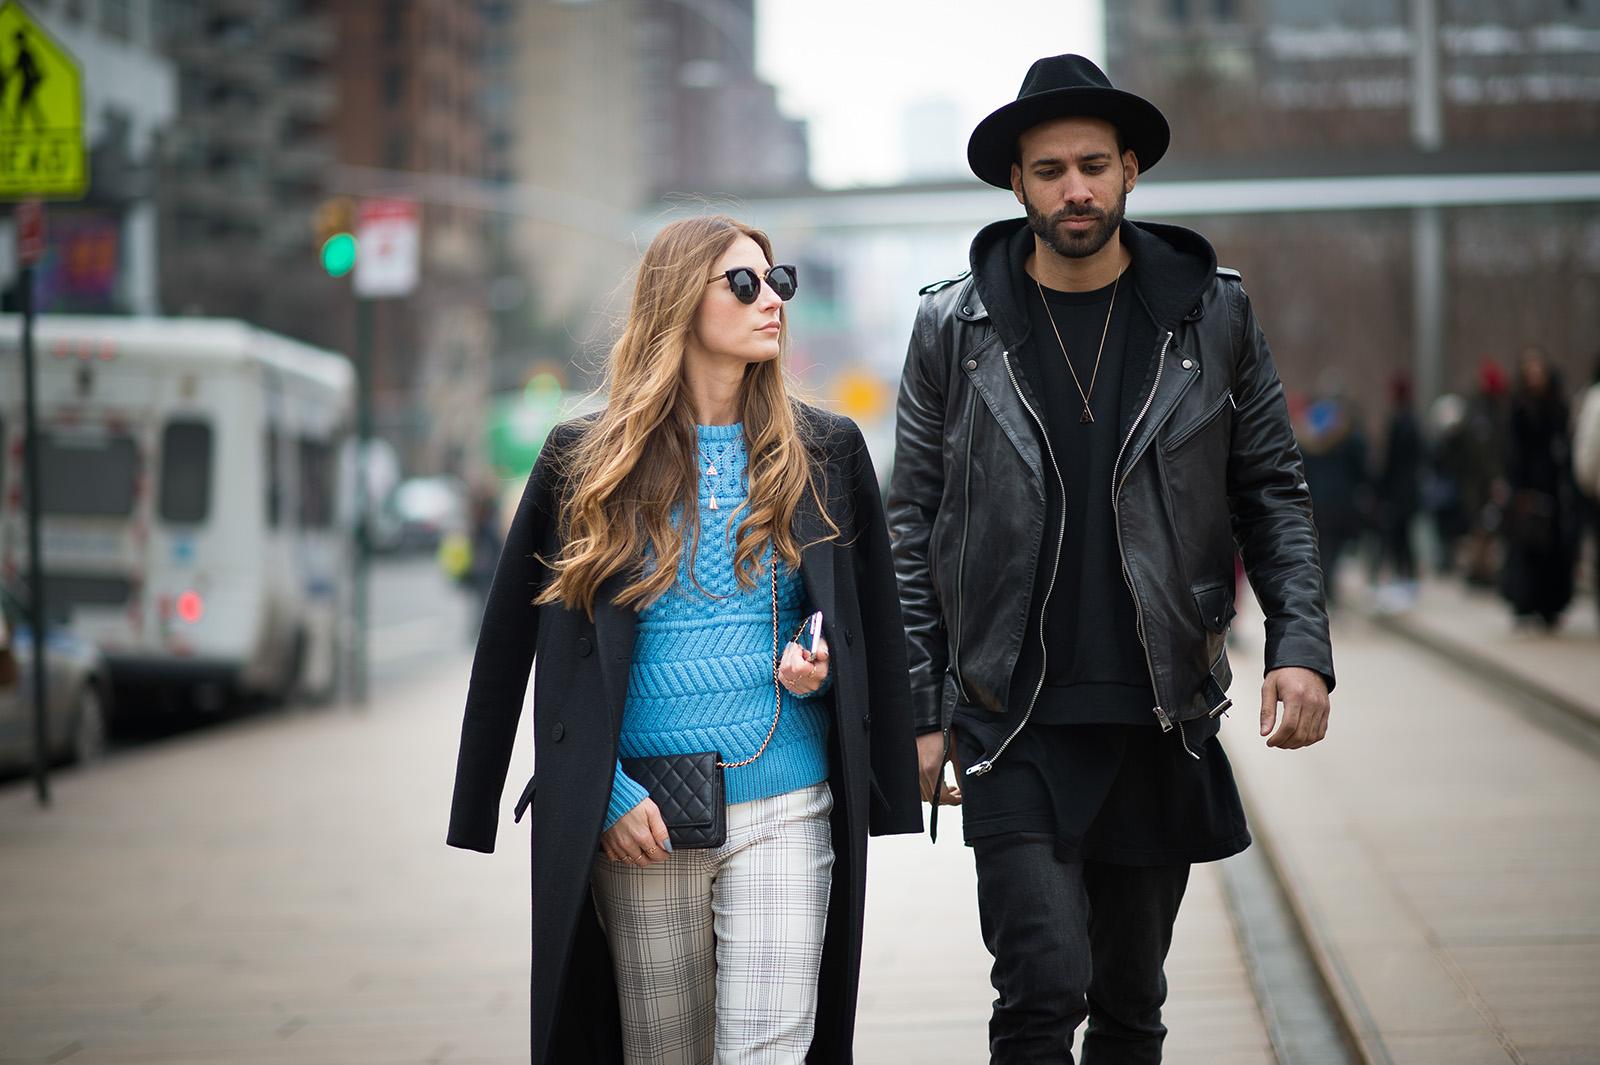 Ays Yuva & Khaled Sufi